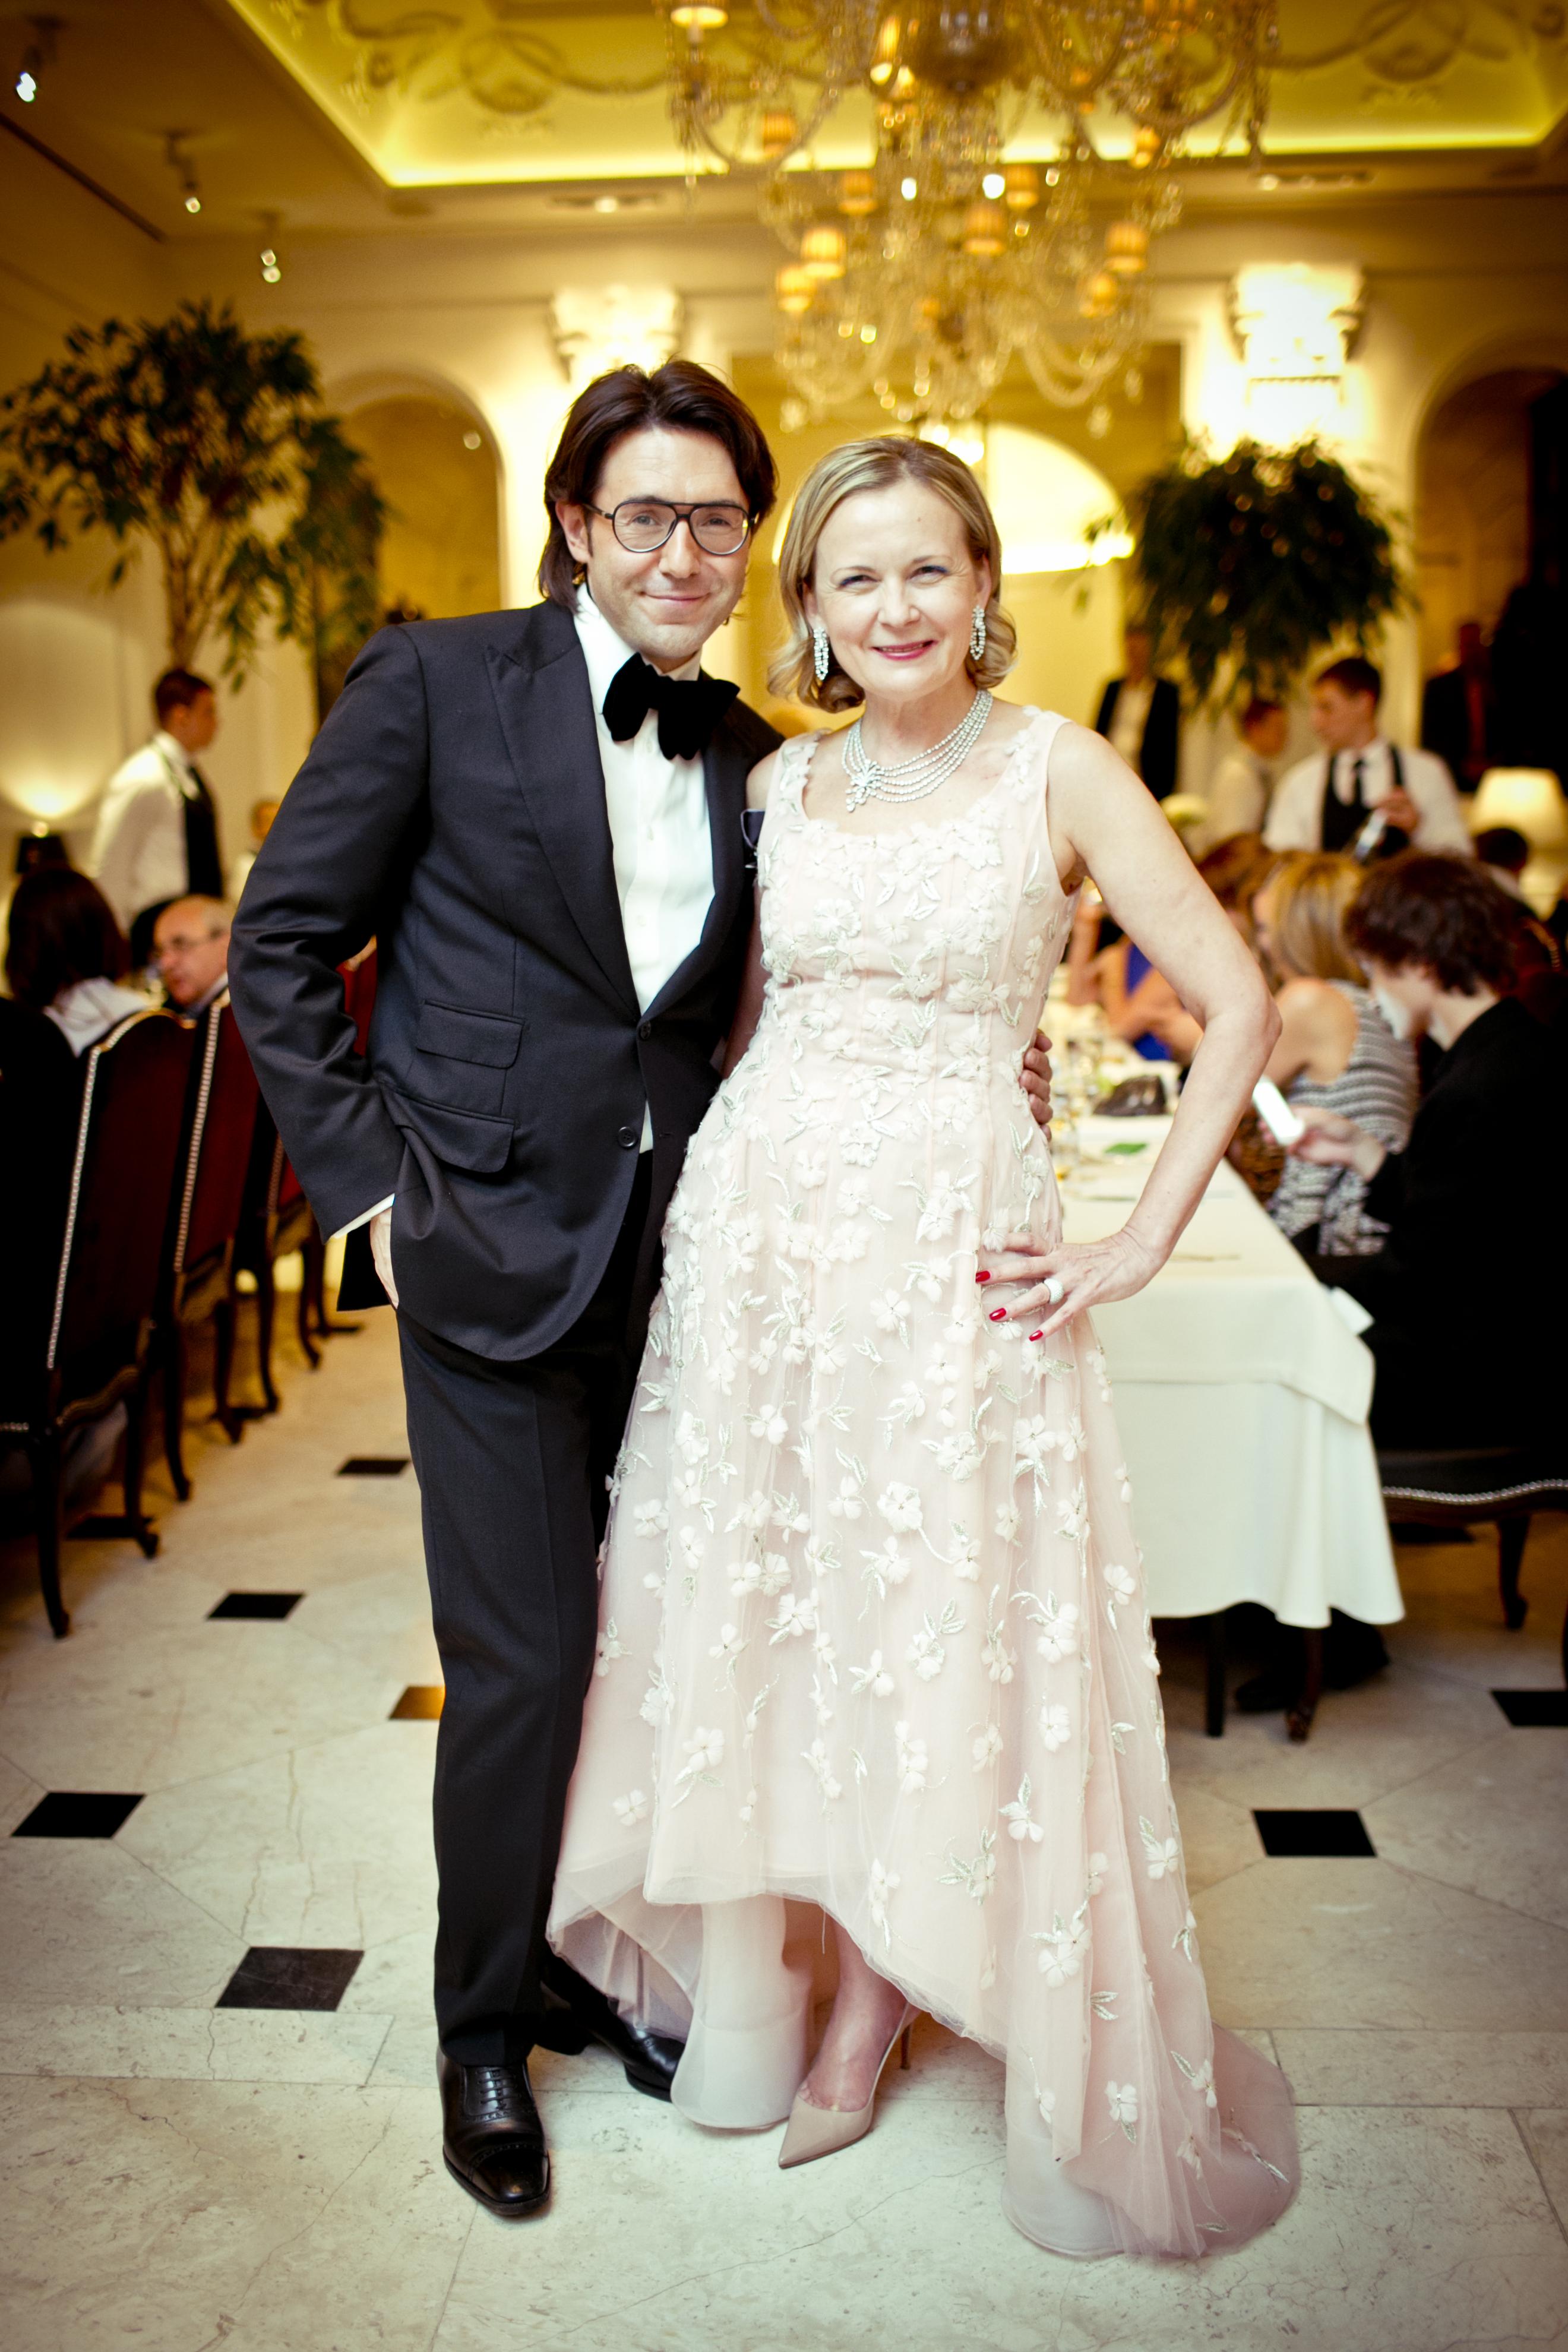 картинку свадебные фотографии андрея малахова сочетает все